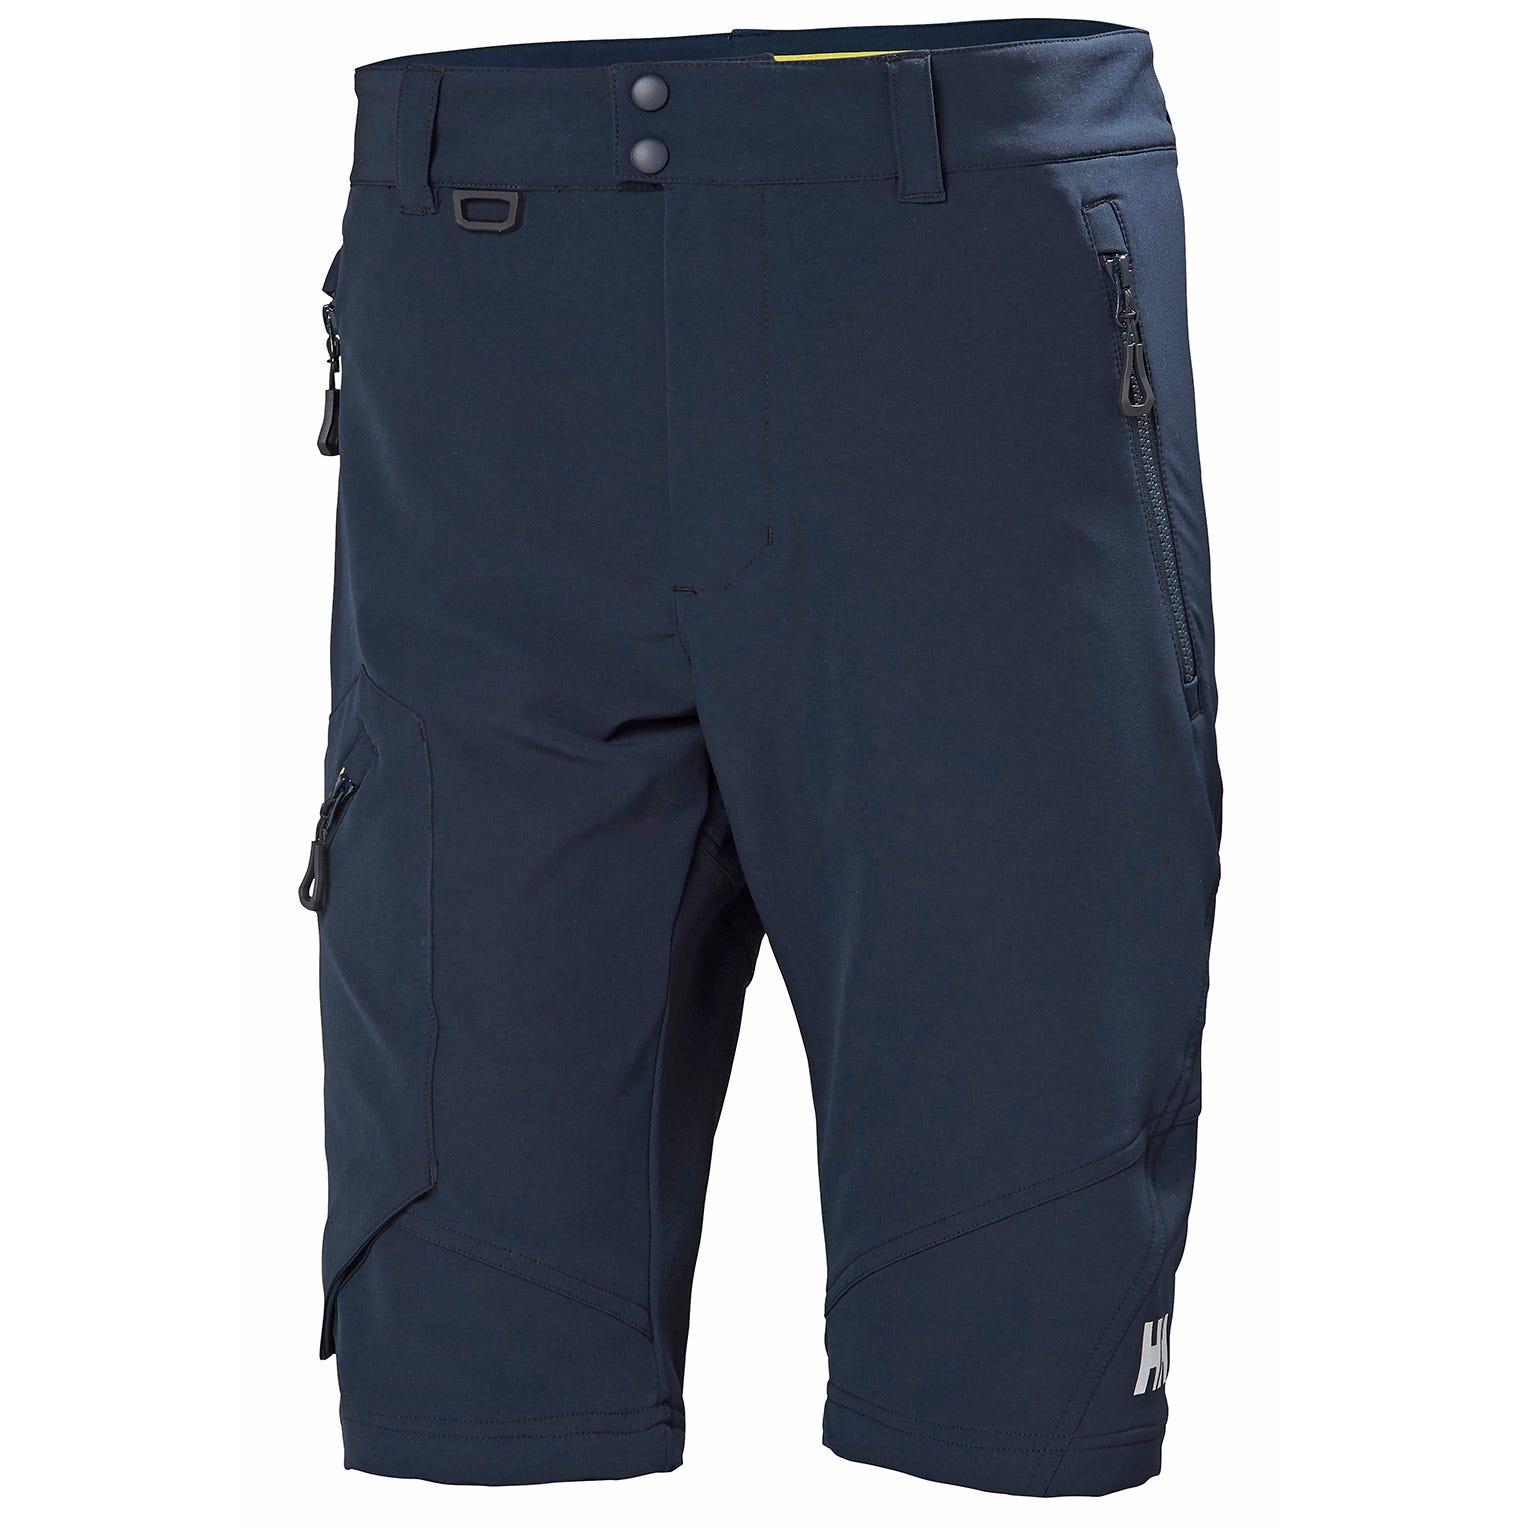 Helly Hansen Hp Softshell Shorts Mens Sailing Pant Navy XL